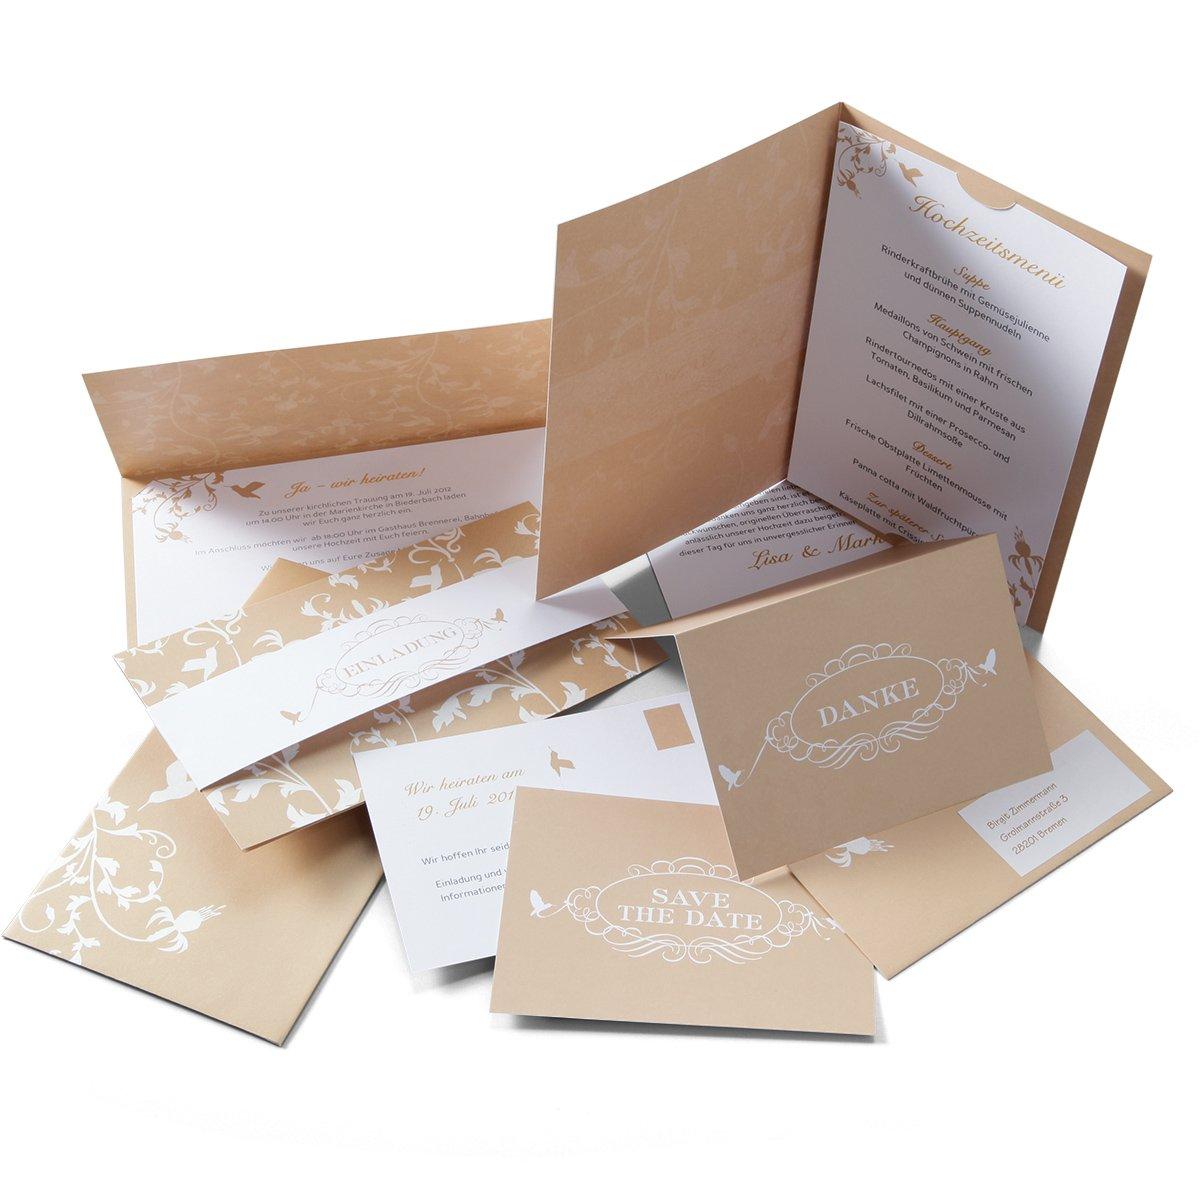 Einladungskarten Set U0027Kolibriu0027 Zur Hochzeit   Für 15 Sendungen/30 Gäste    Inkl. Einladungen, Save The Date, Danksagungen, Menükarten: Amazon.de:  Bürobedarf ...